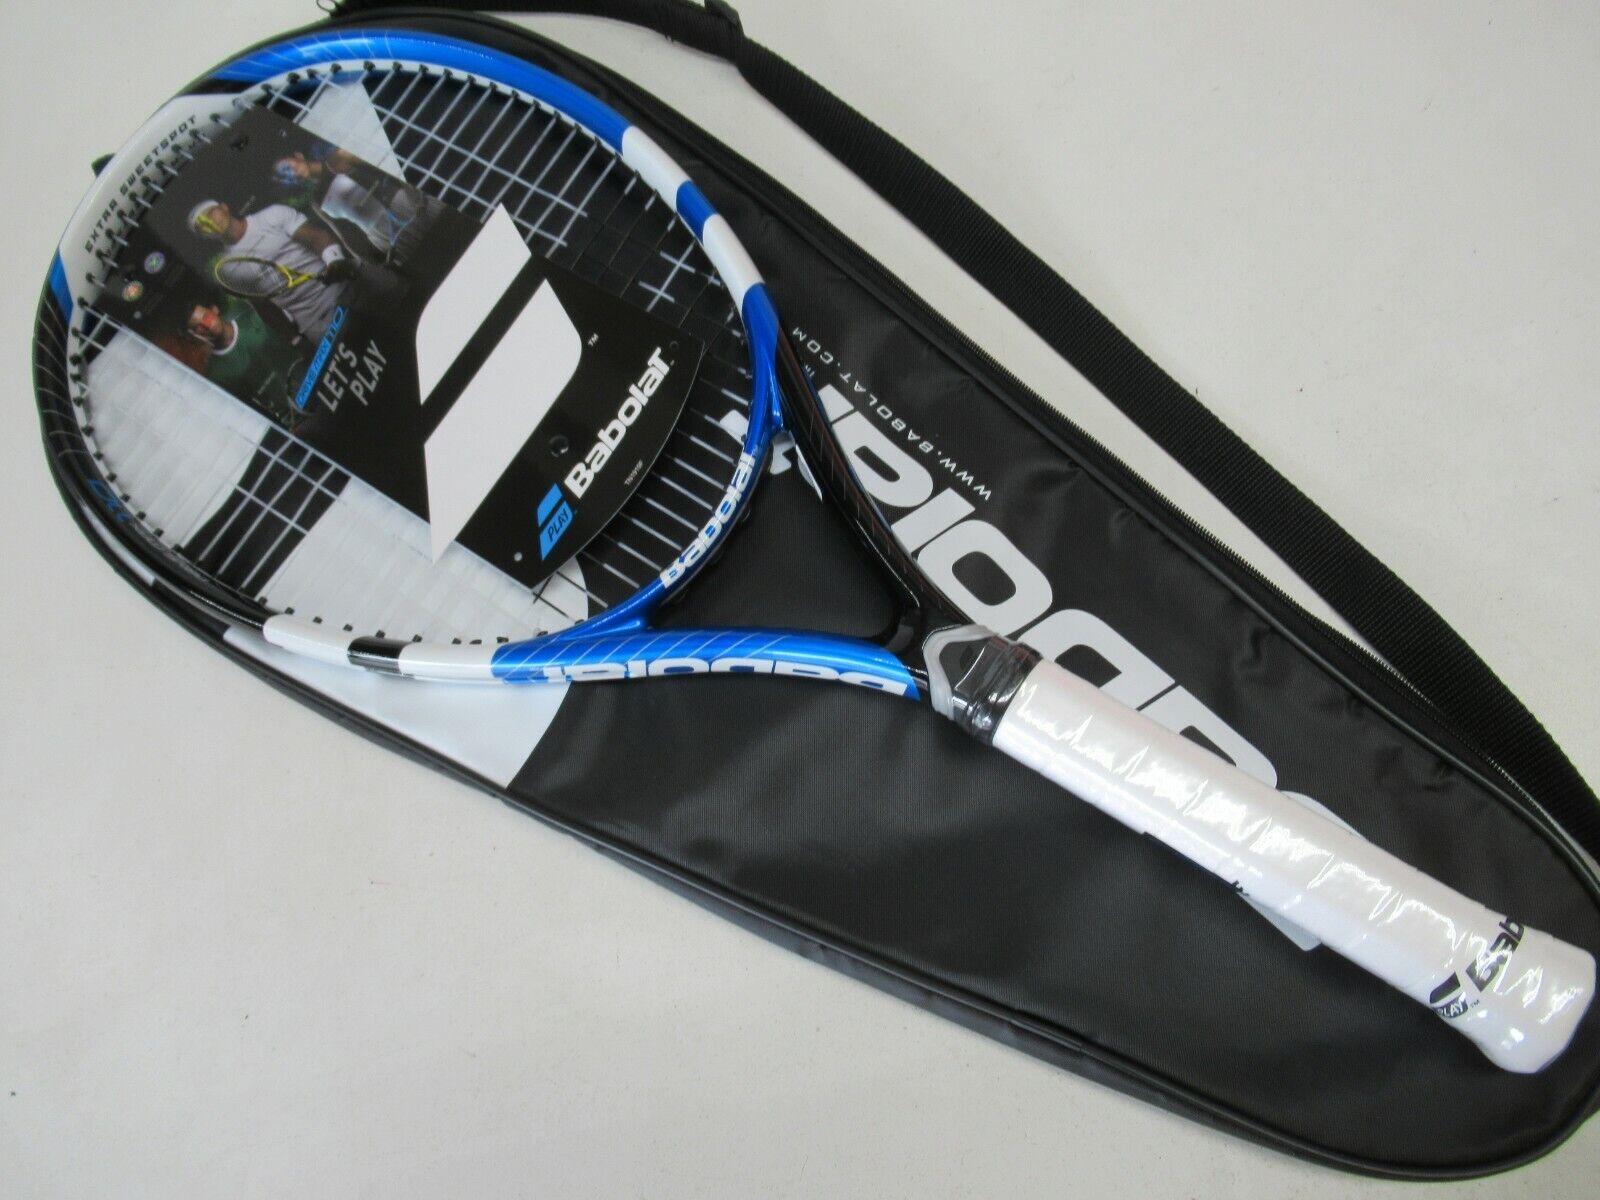 nuevo  Babolat Drive Max 110 tenis raqueta (4 3 8) con cubierta completa. pre-Encordada